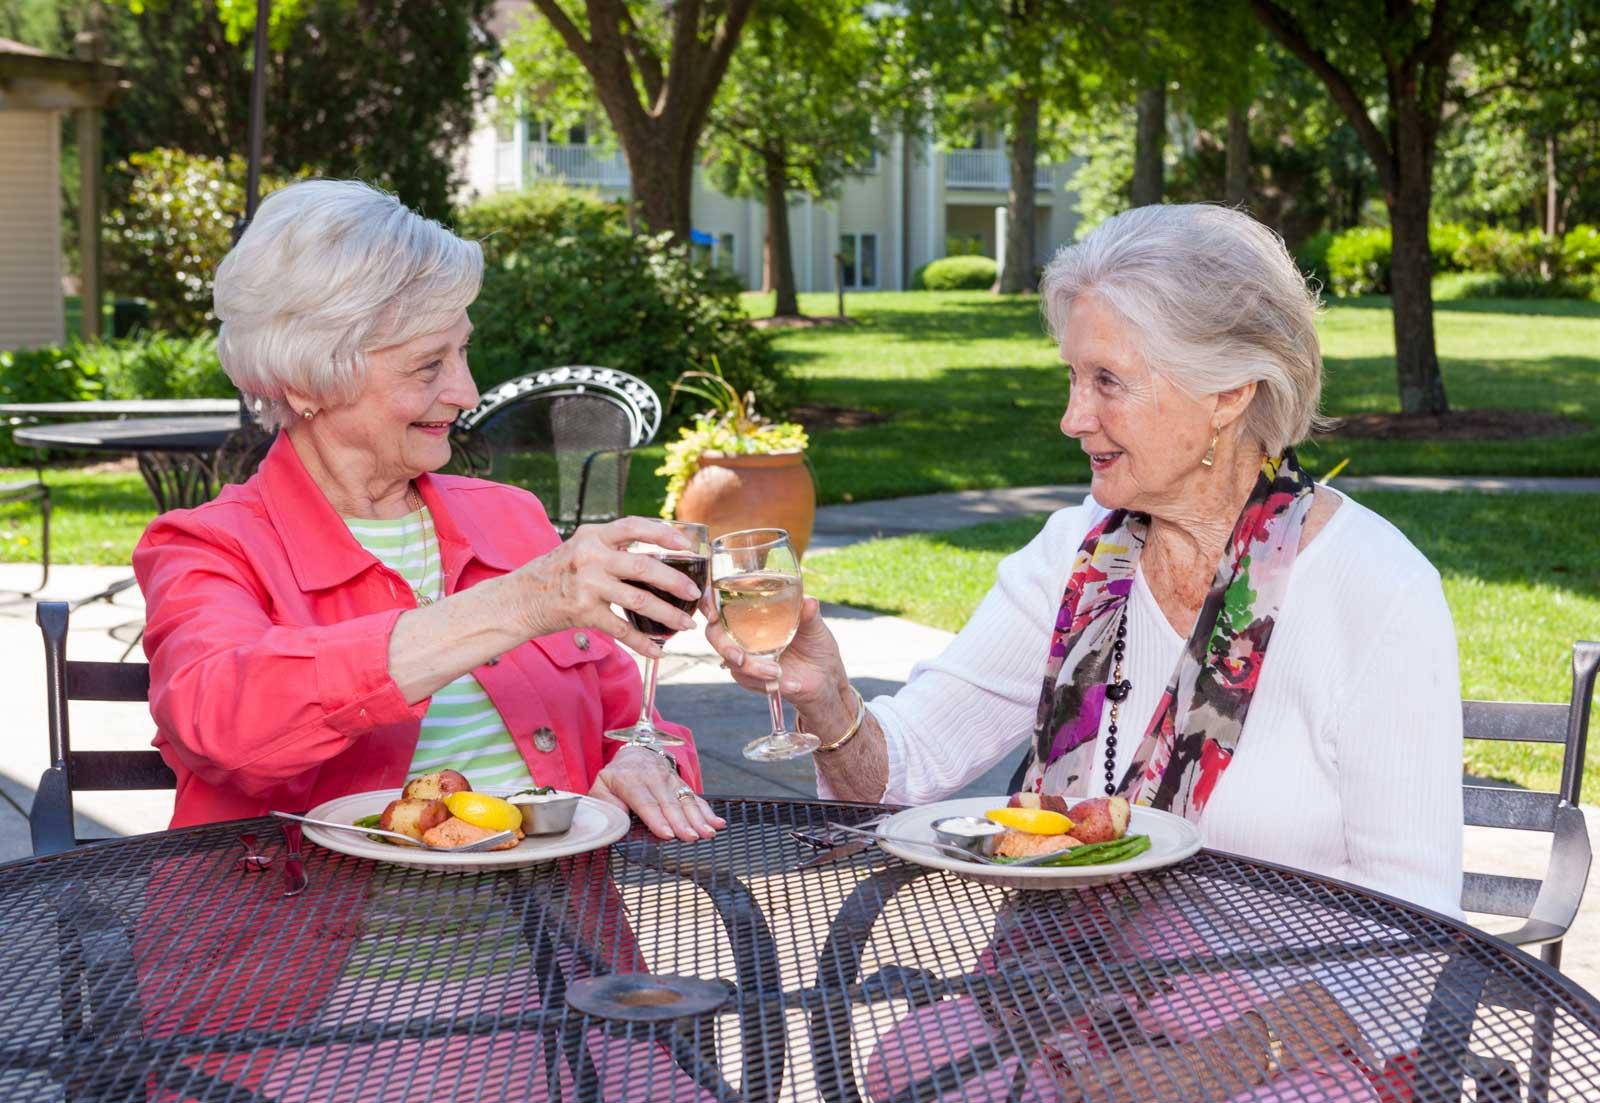 ladies-enjoy-meal